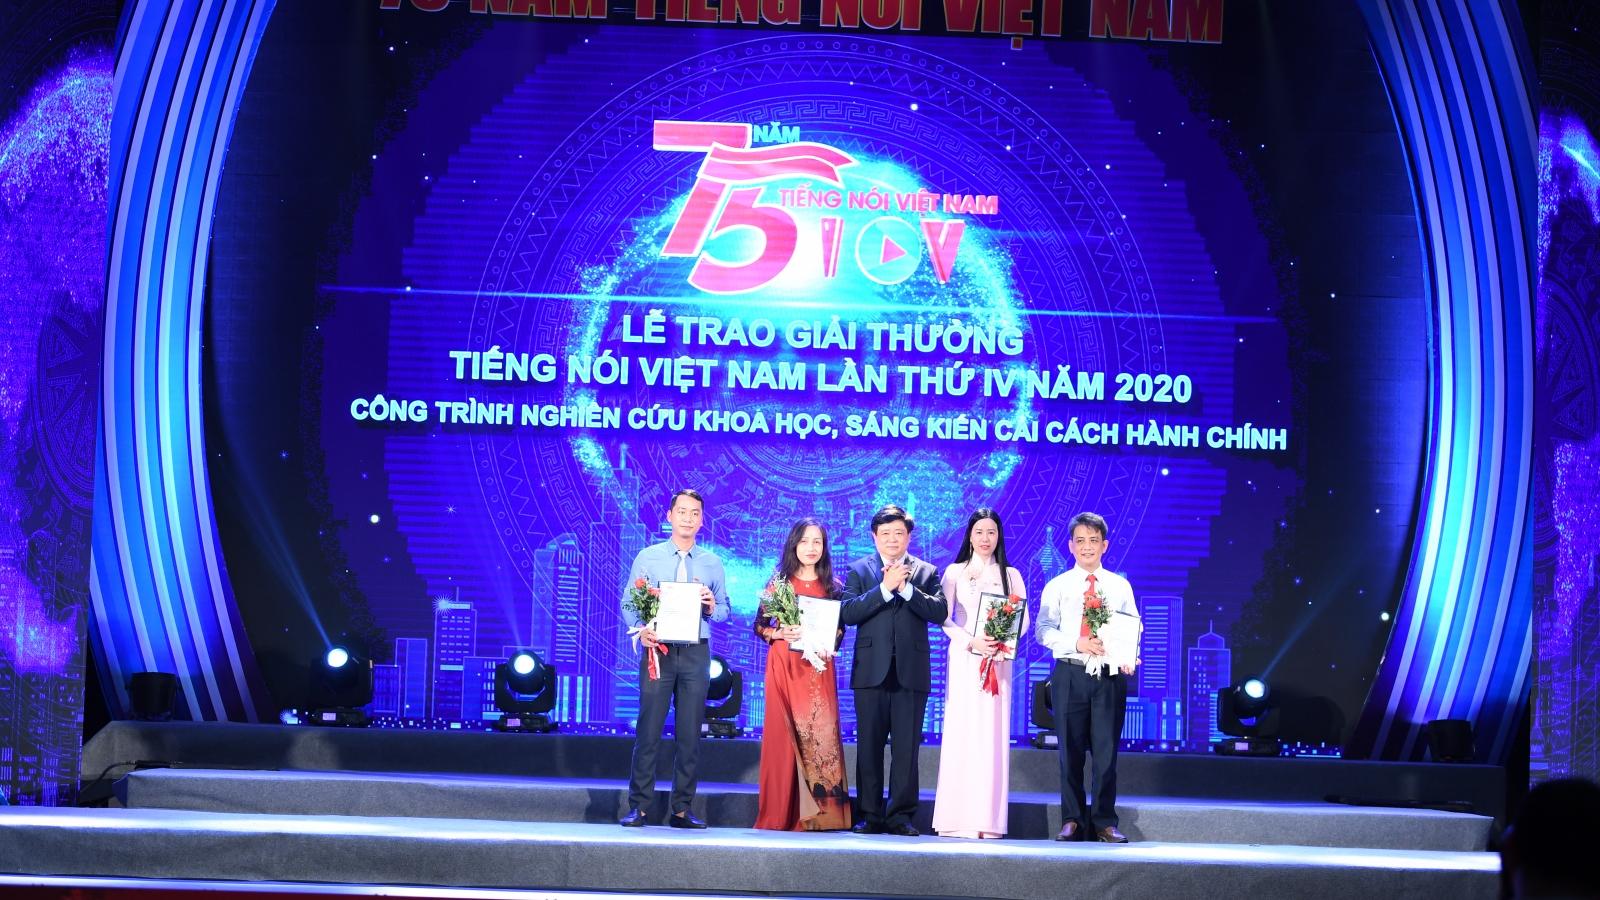 Toàn cảnh Lễ trao giải thưởng Tiếng nói Việt Nam lần thứ IV năm 2020